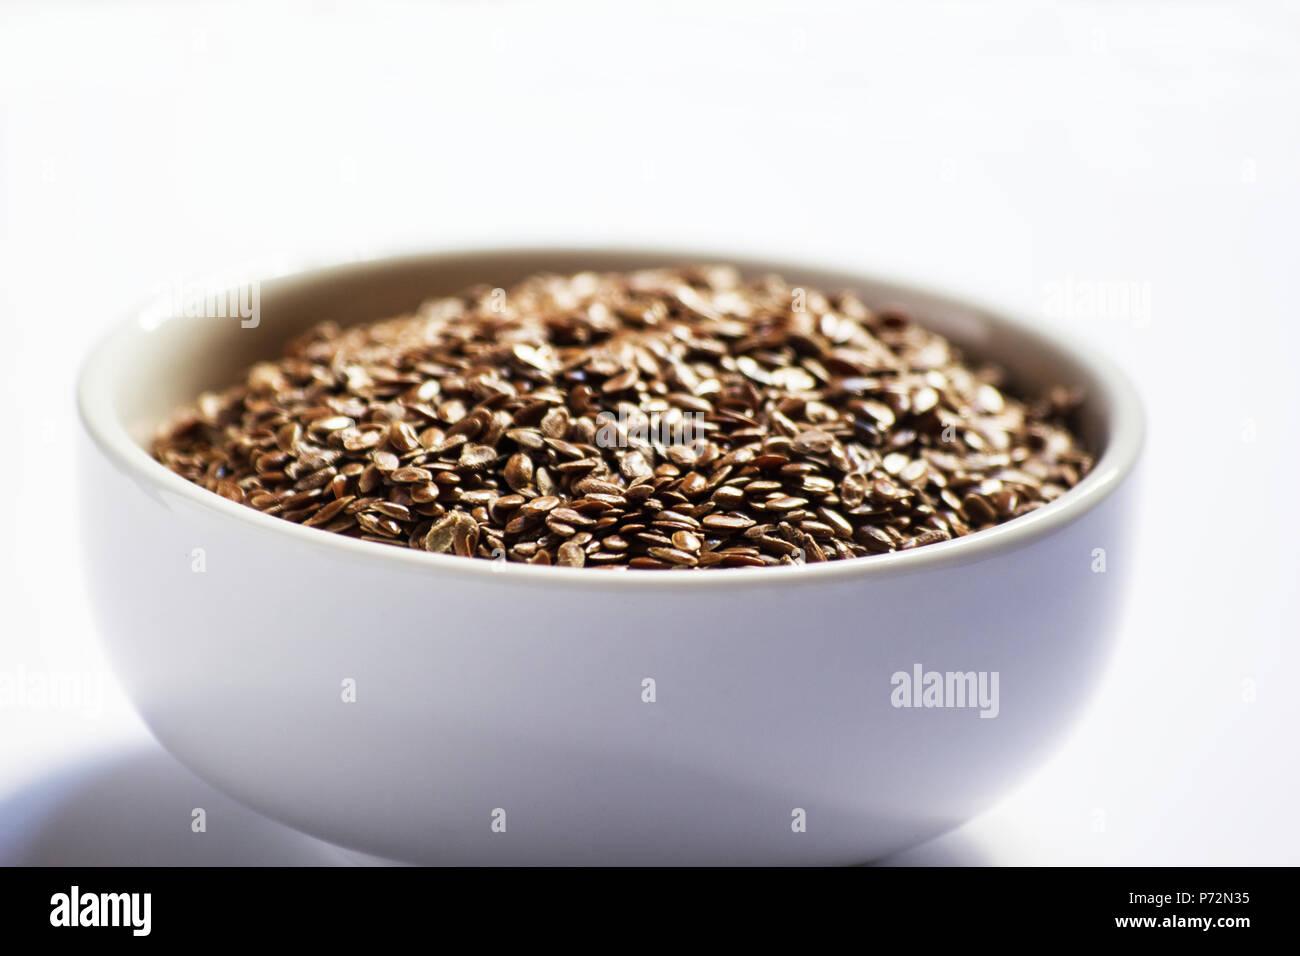 Les graines de lin dans un bol blanc sur fond blanc Photo Stock